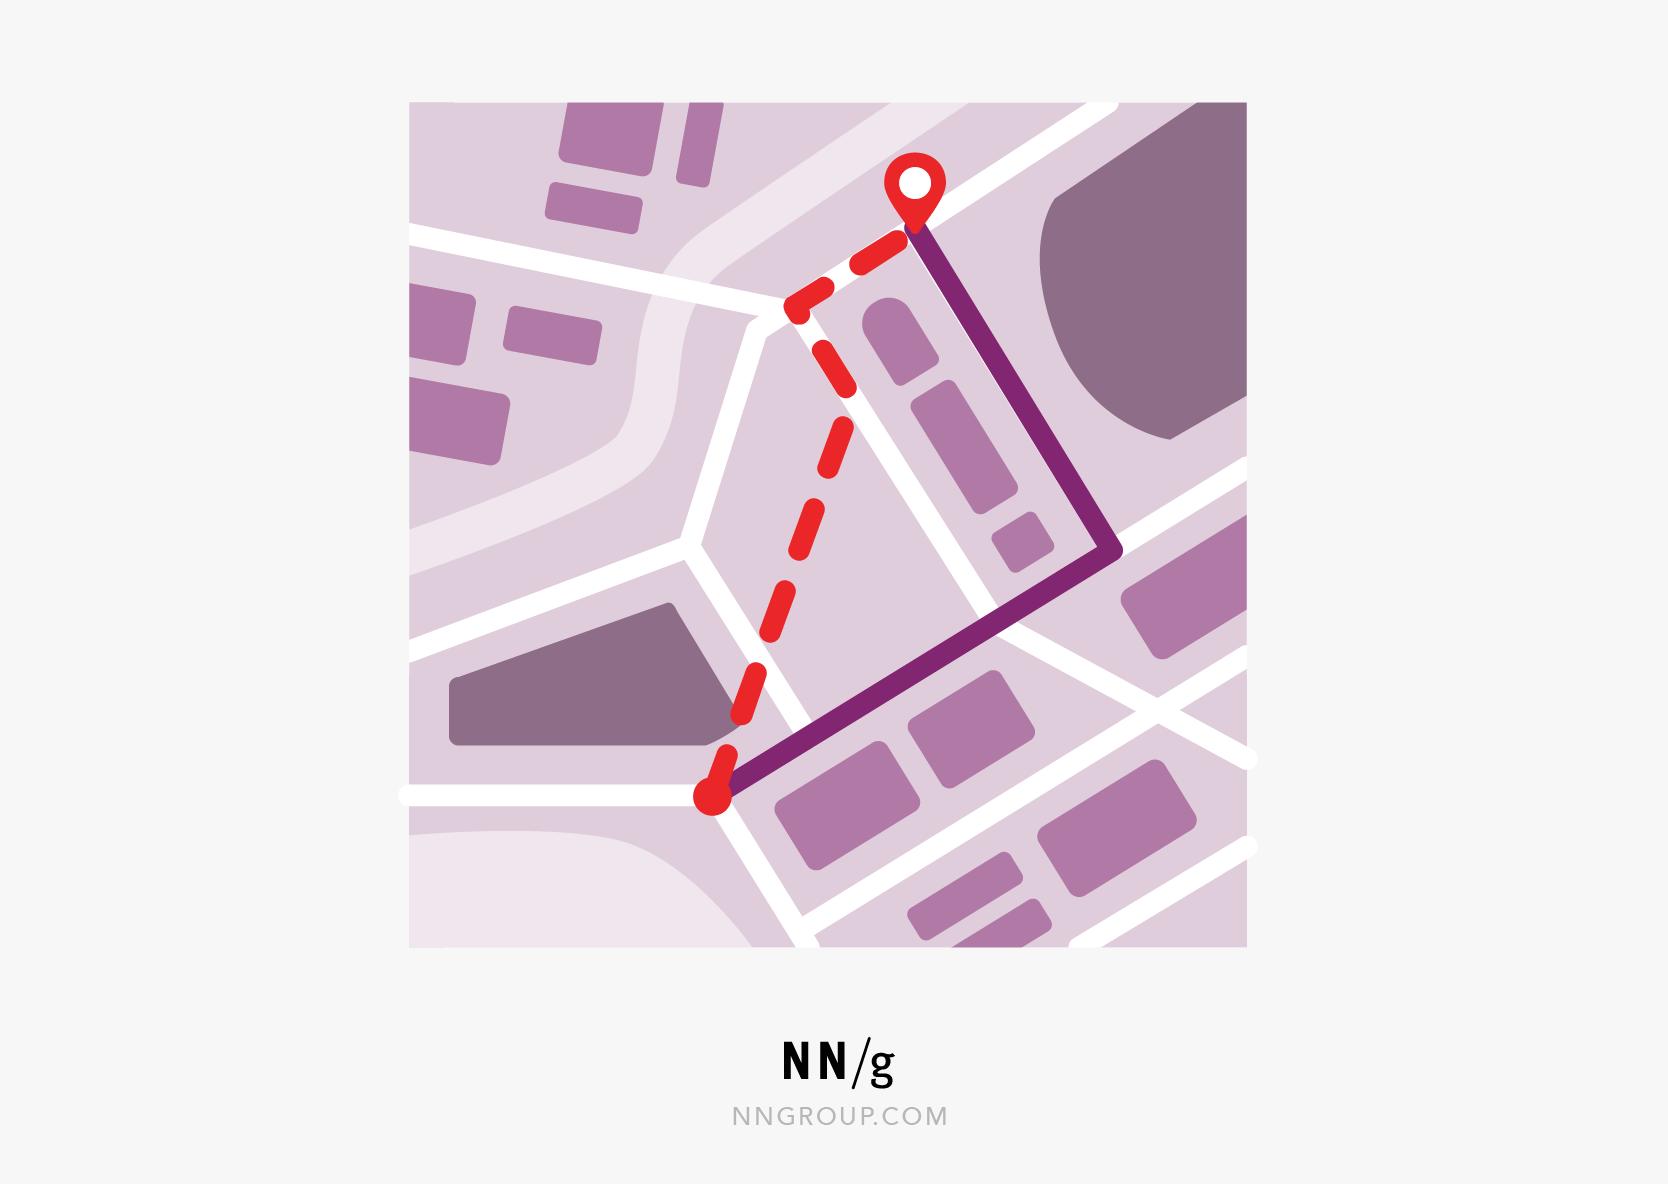 可用性启发式#7:一张有两条路线的地图图片。第一种是常规路线,第二种是捷径。